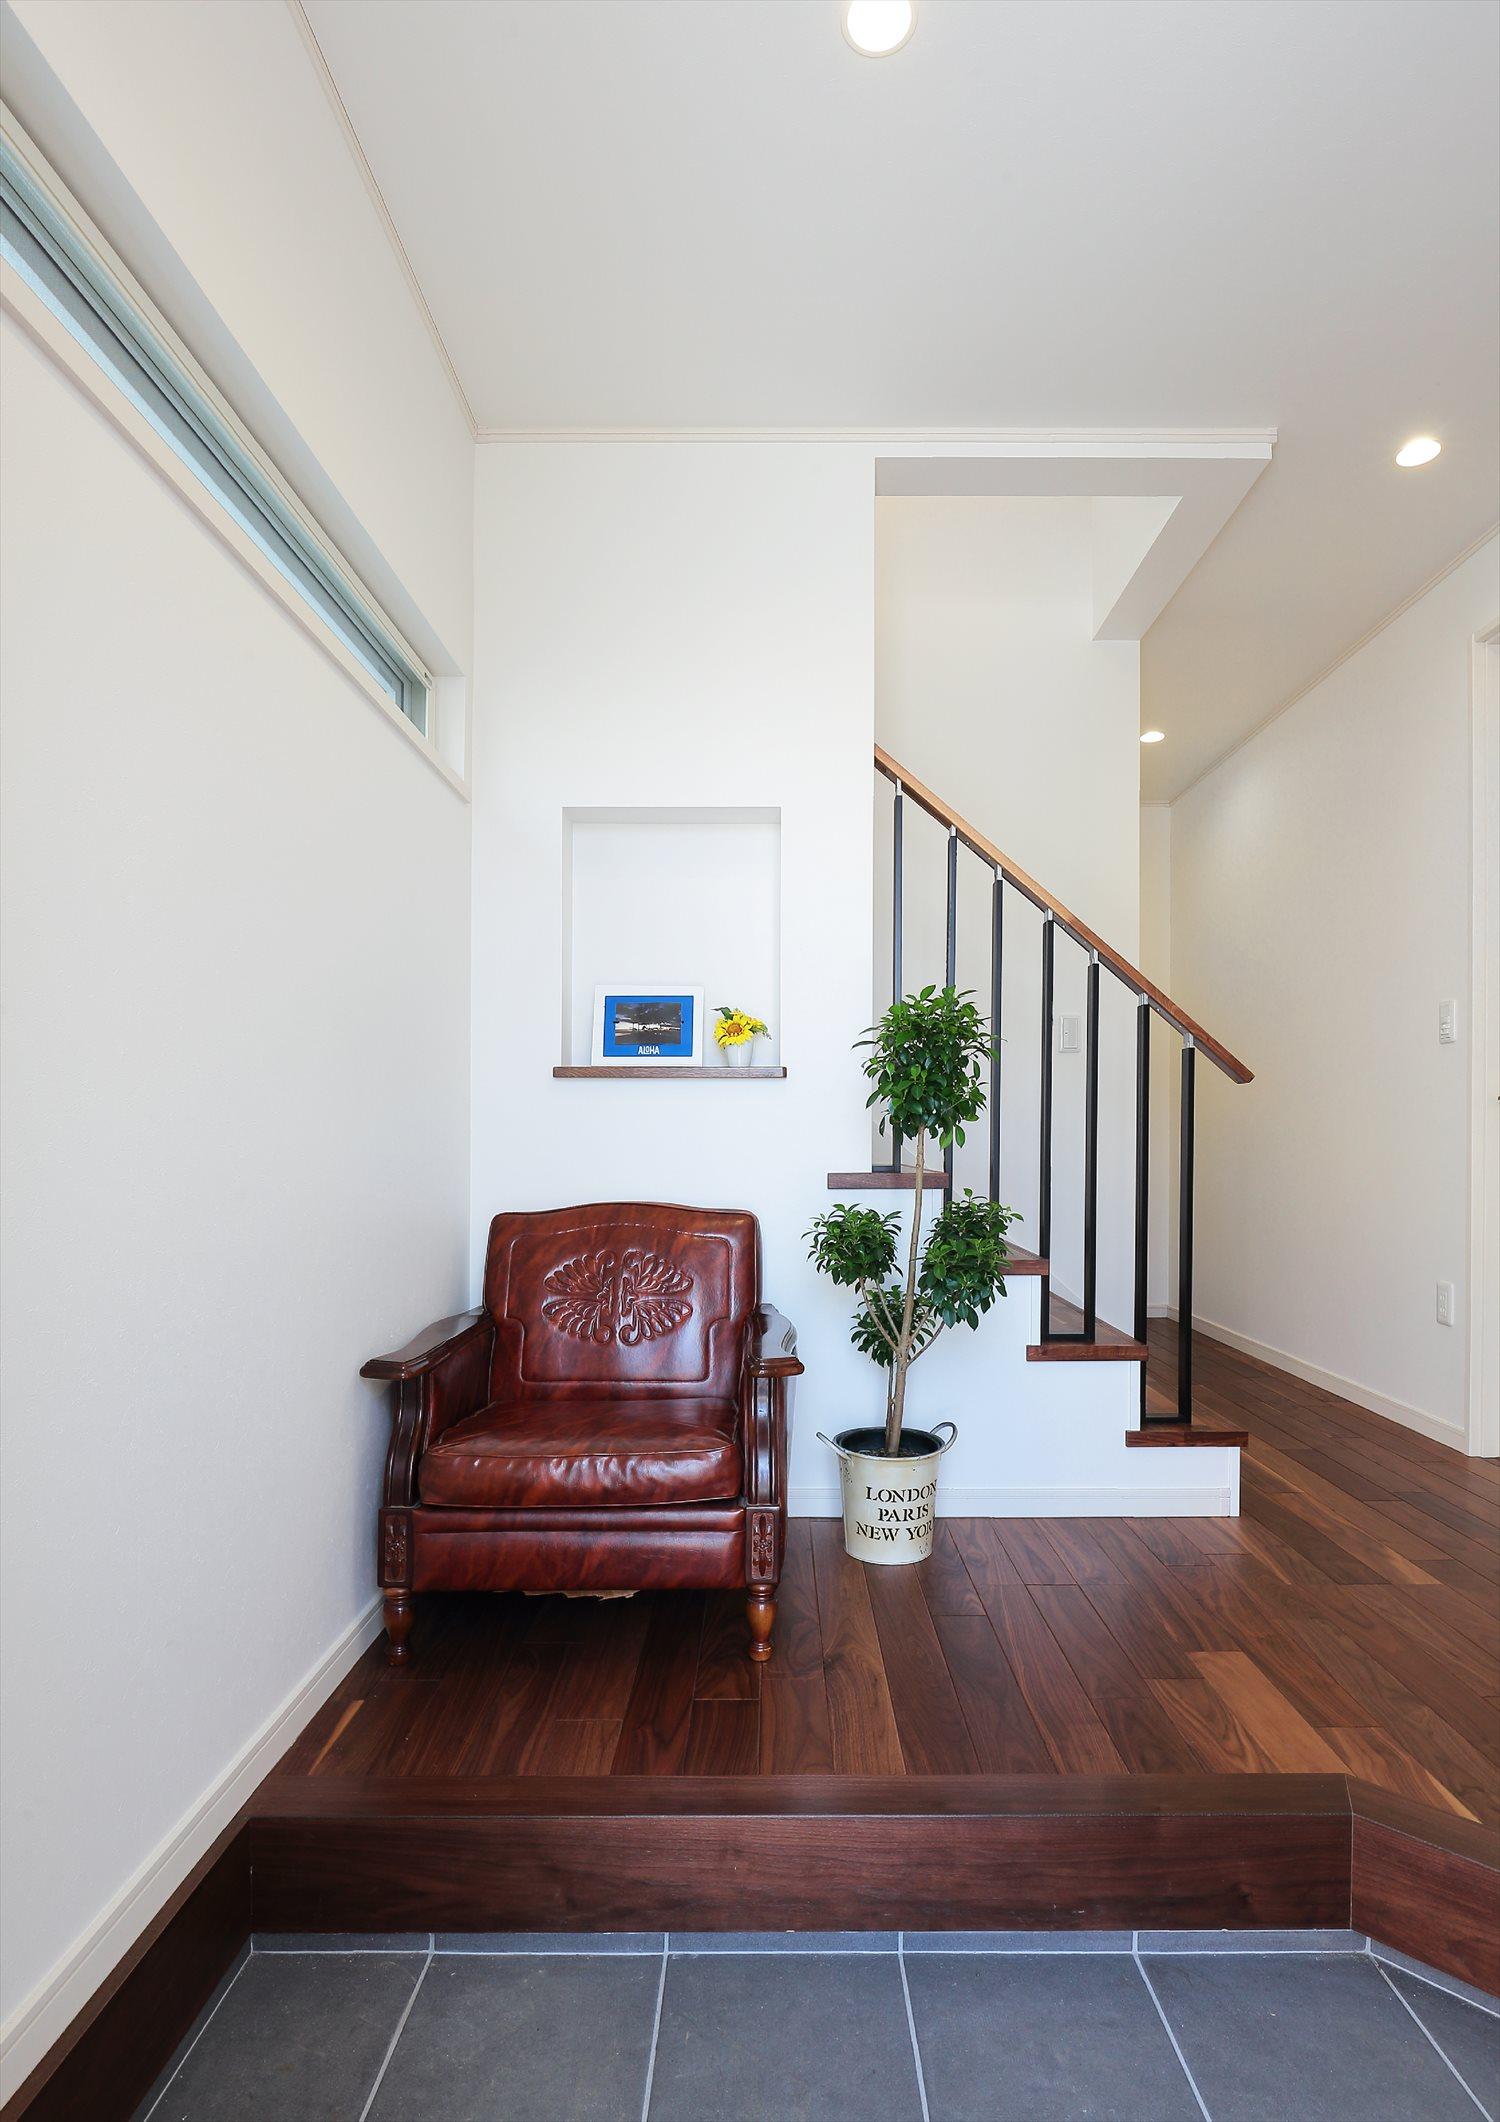 別荘のような家の内観:白の外観にダーク系の調度品が落ち着きのある空間